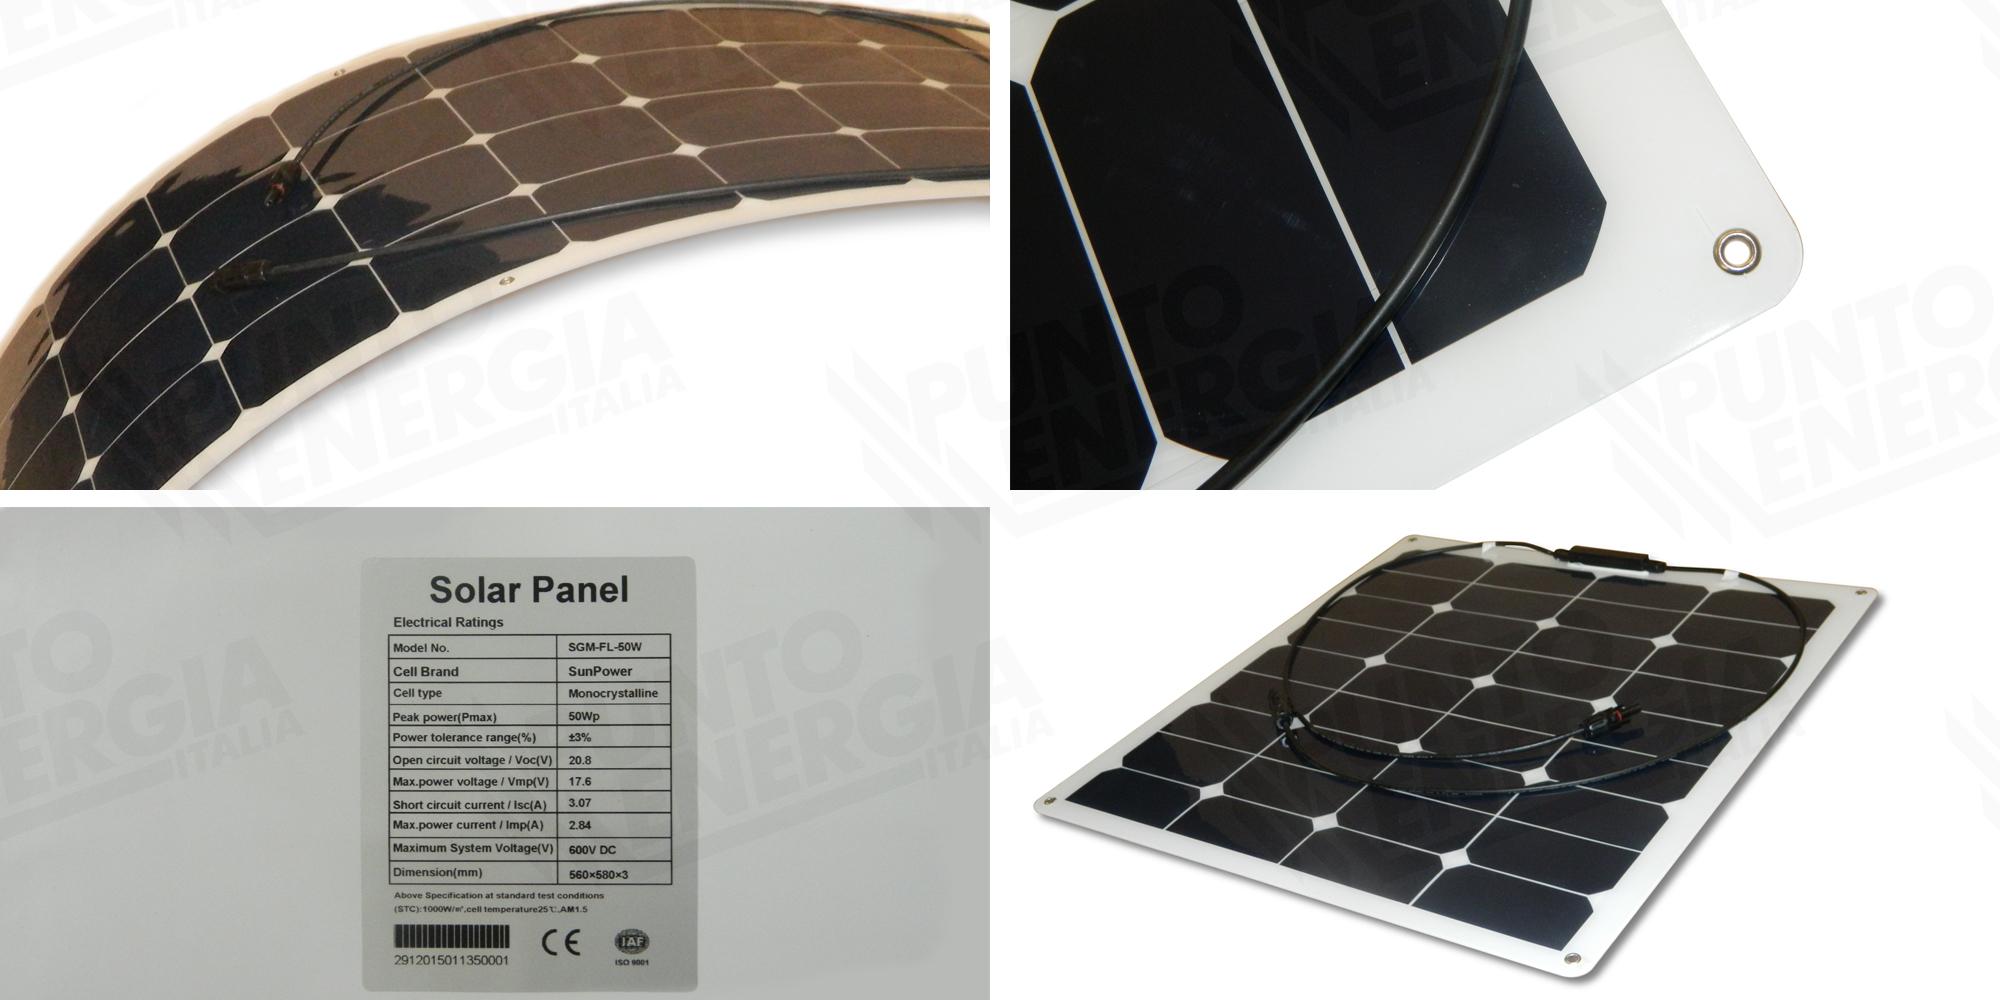 panneau solaire photovoltaique 50w 12v mono flexible camping car caravan bateau ebay. Black Bedroom Furniture Sets. Home Design Ideas